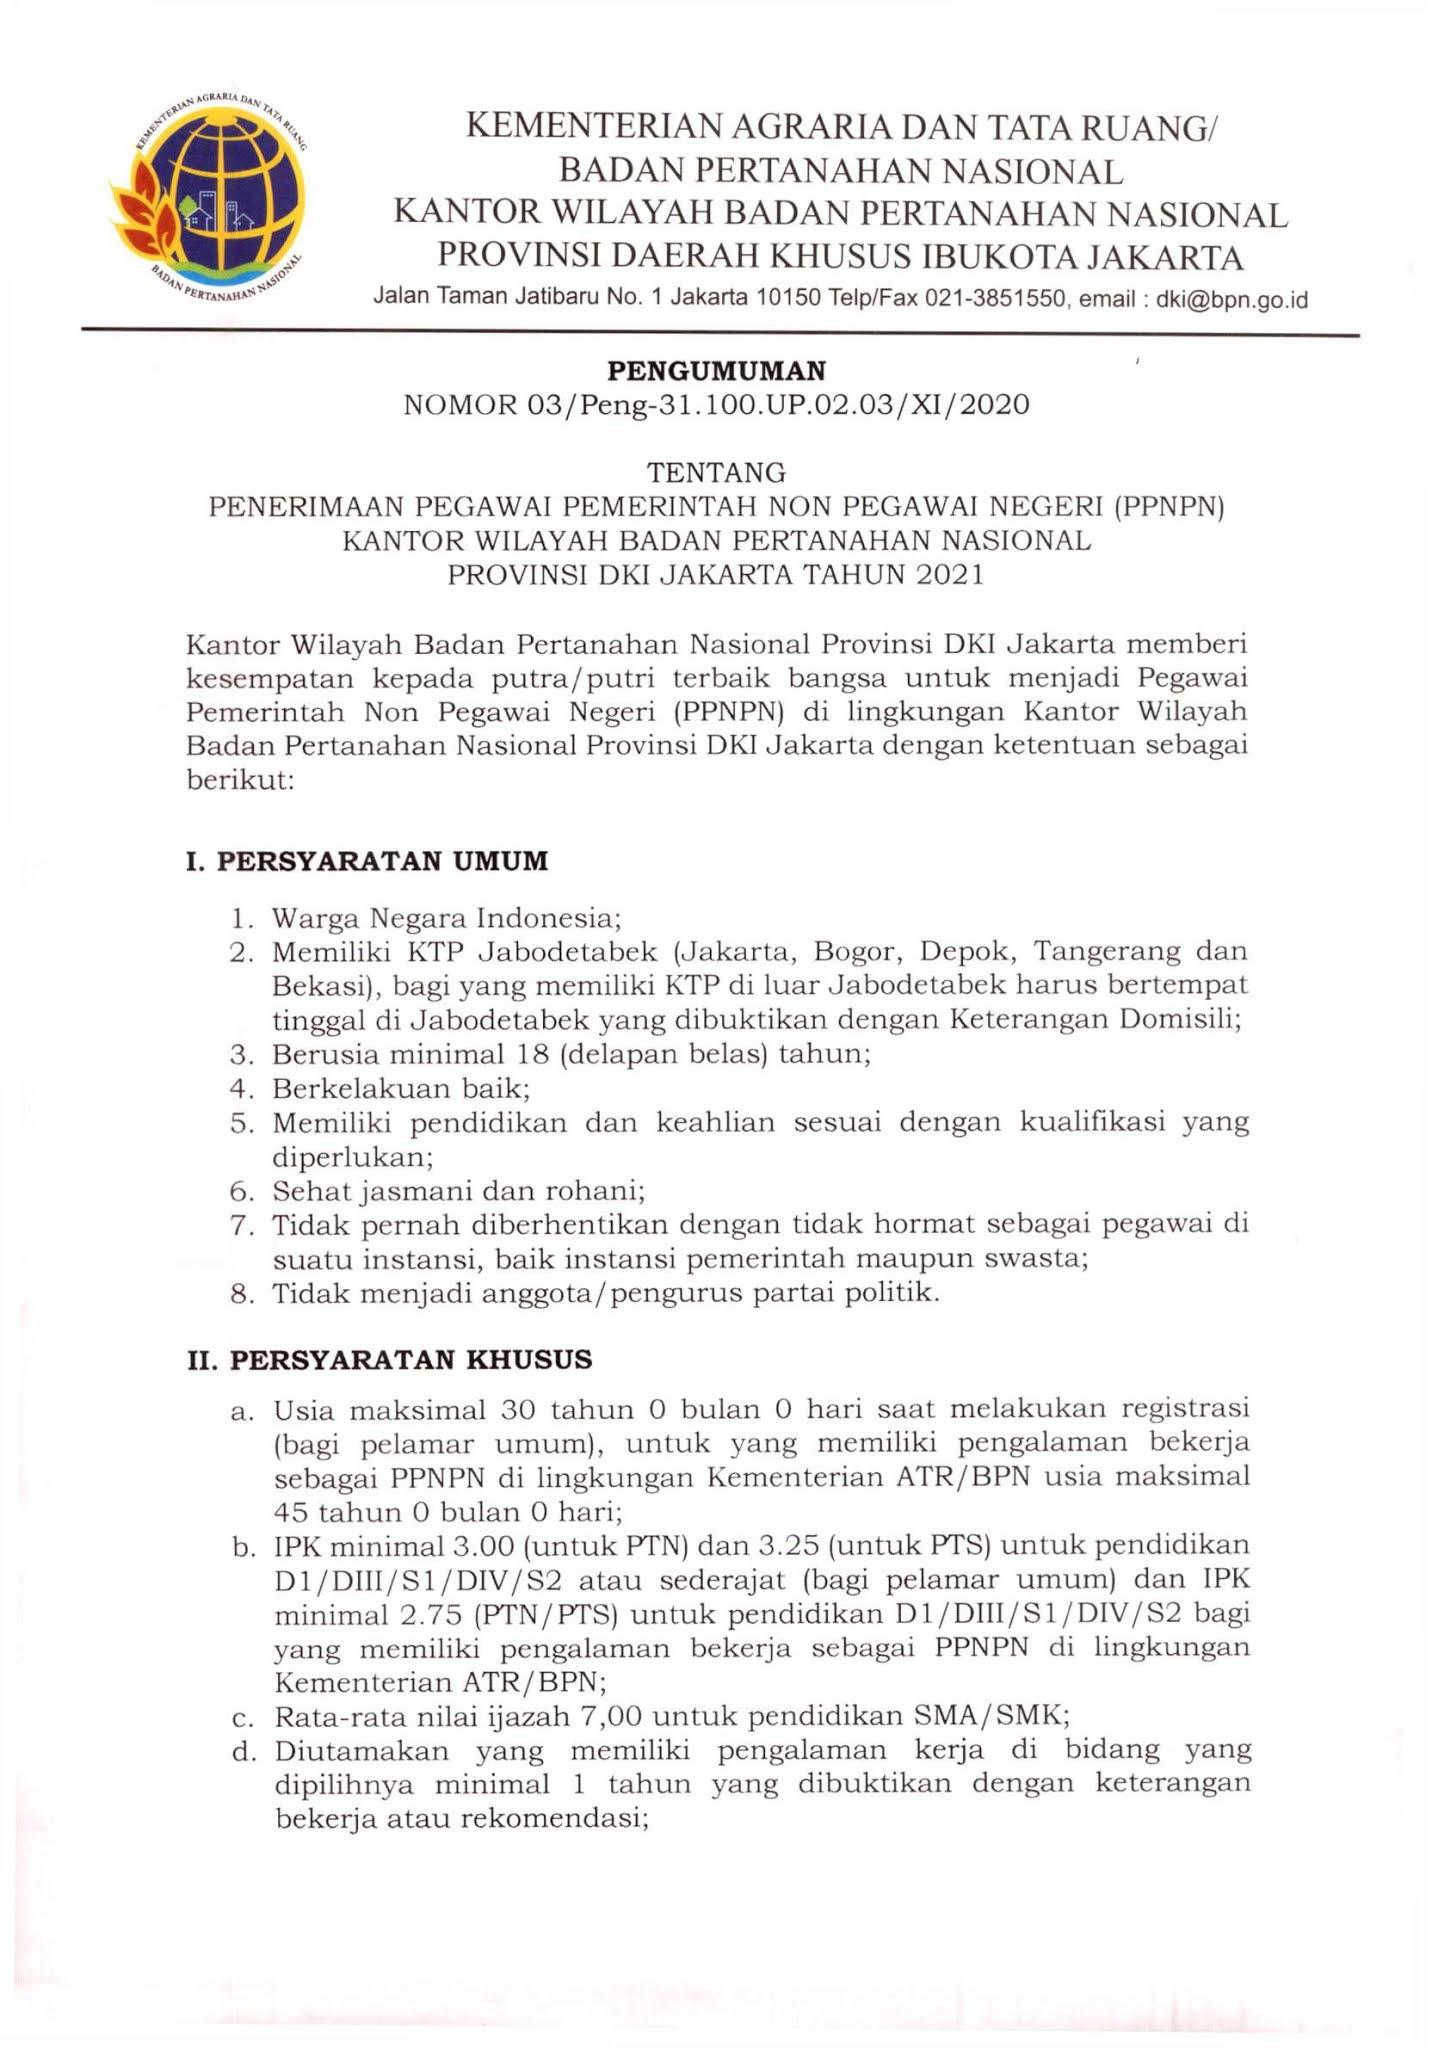 Lowongan Kerja Tenaga PPNPN Kementerian ATR/Badan Pertanahan Nasional Tingkat SMA SMK D3 S1